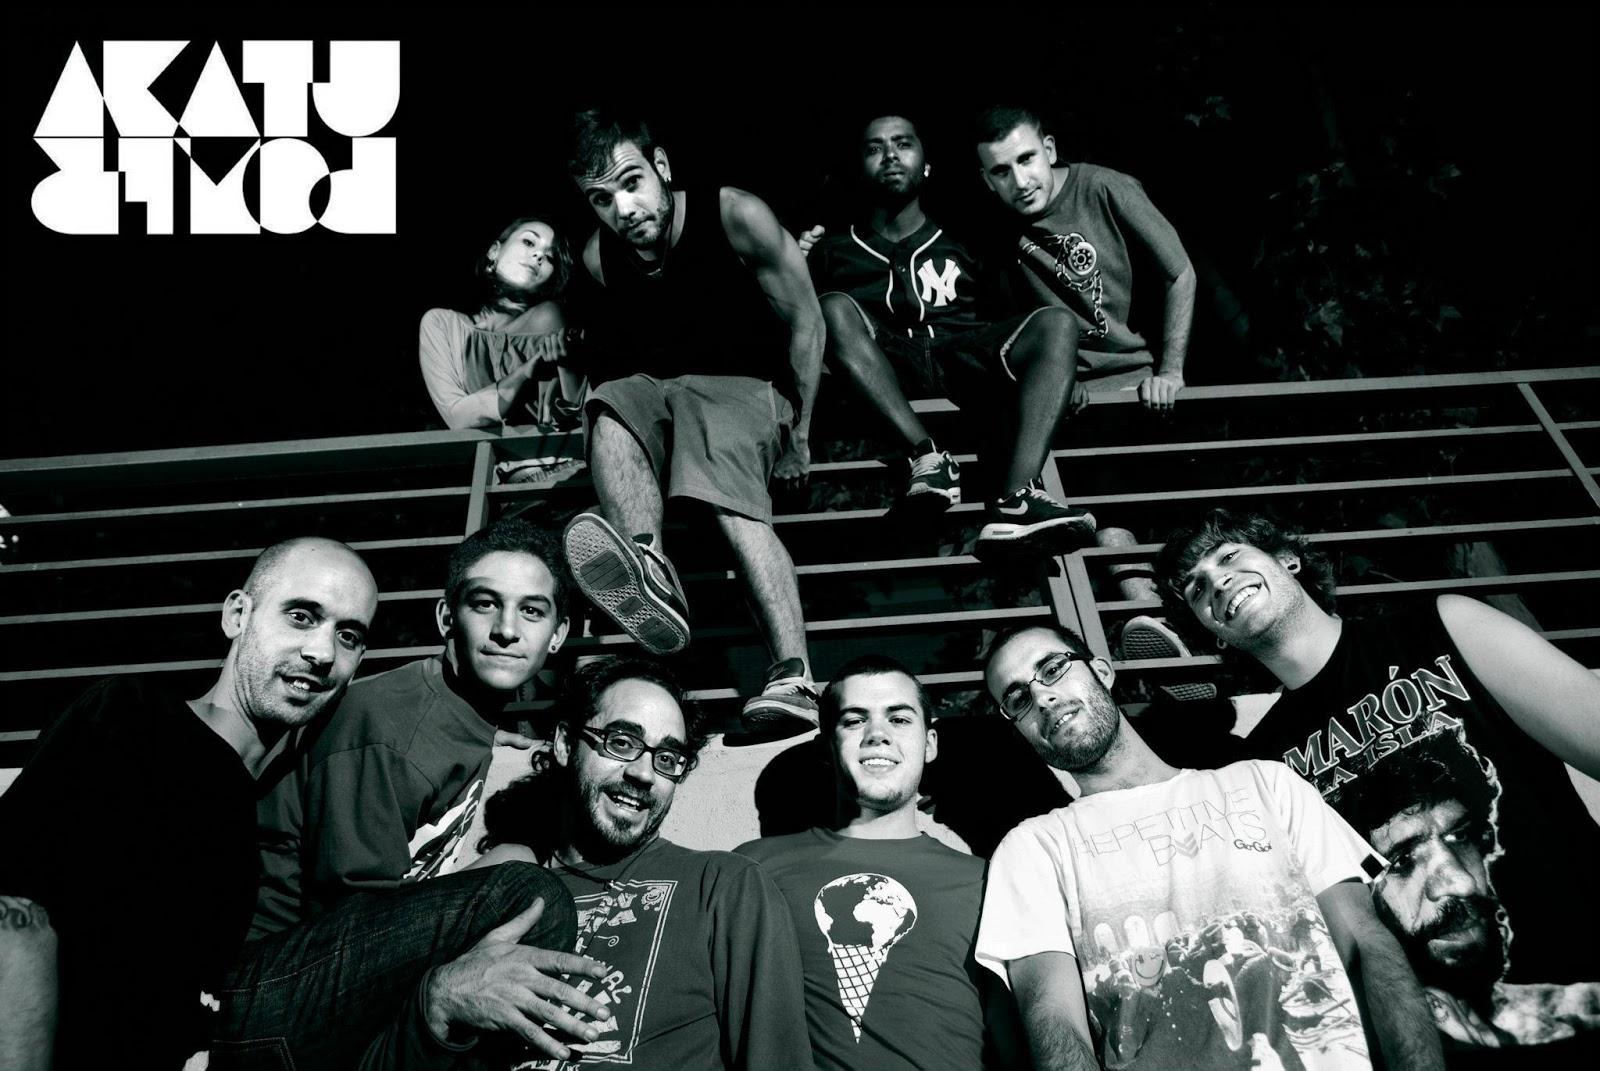 grupo de musica ska: